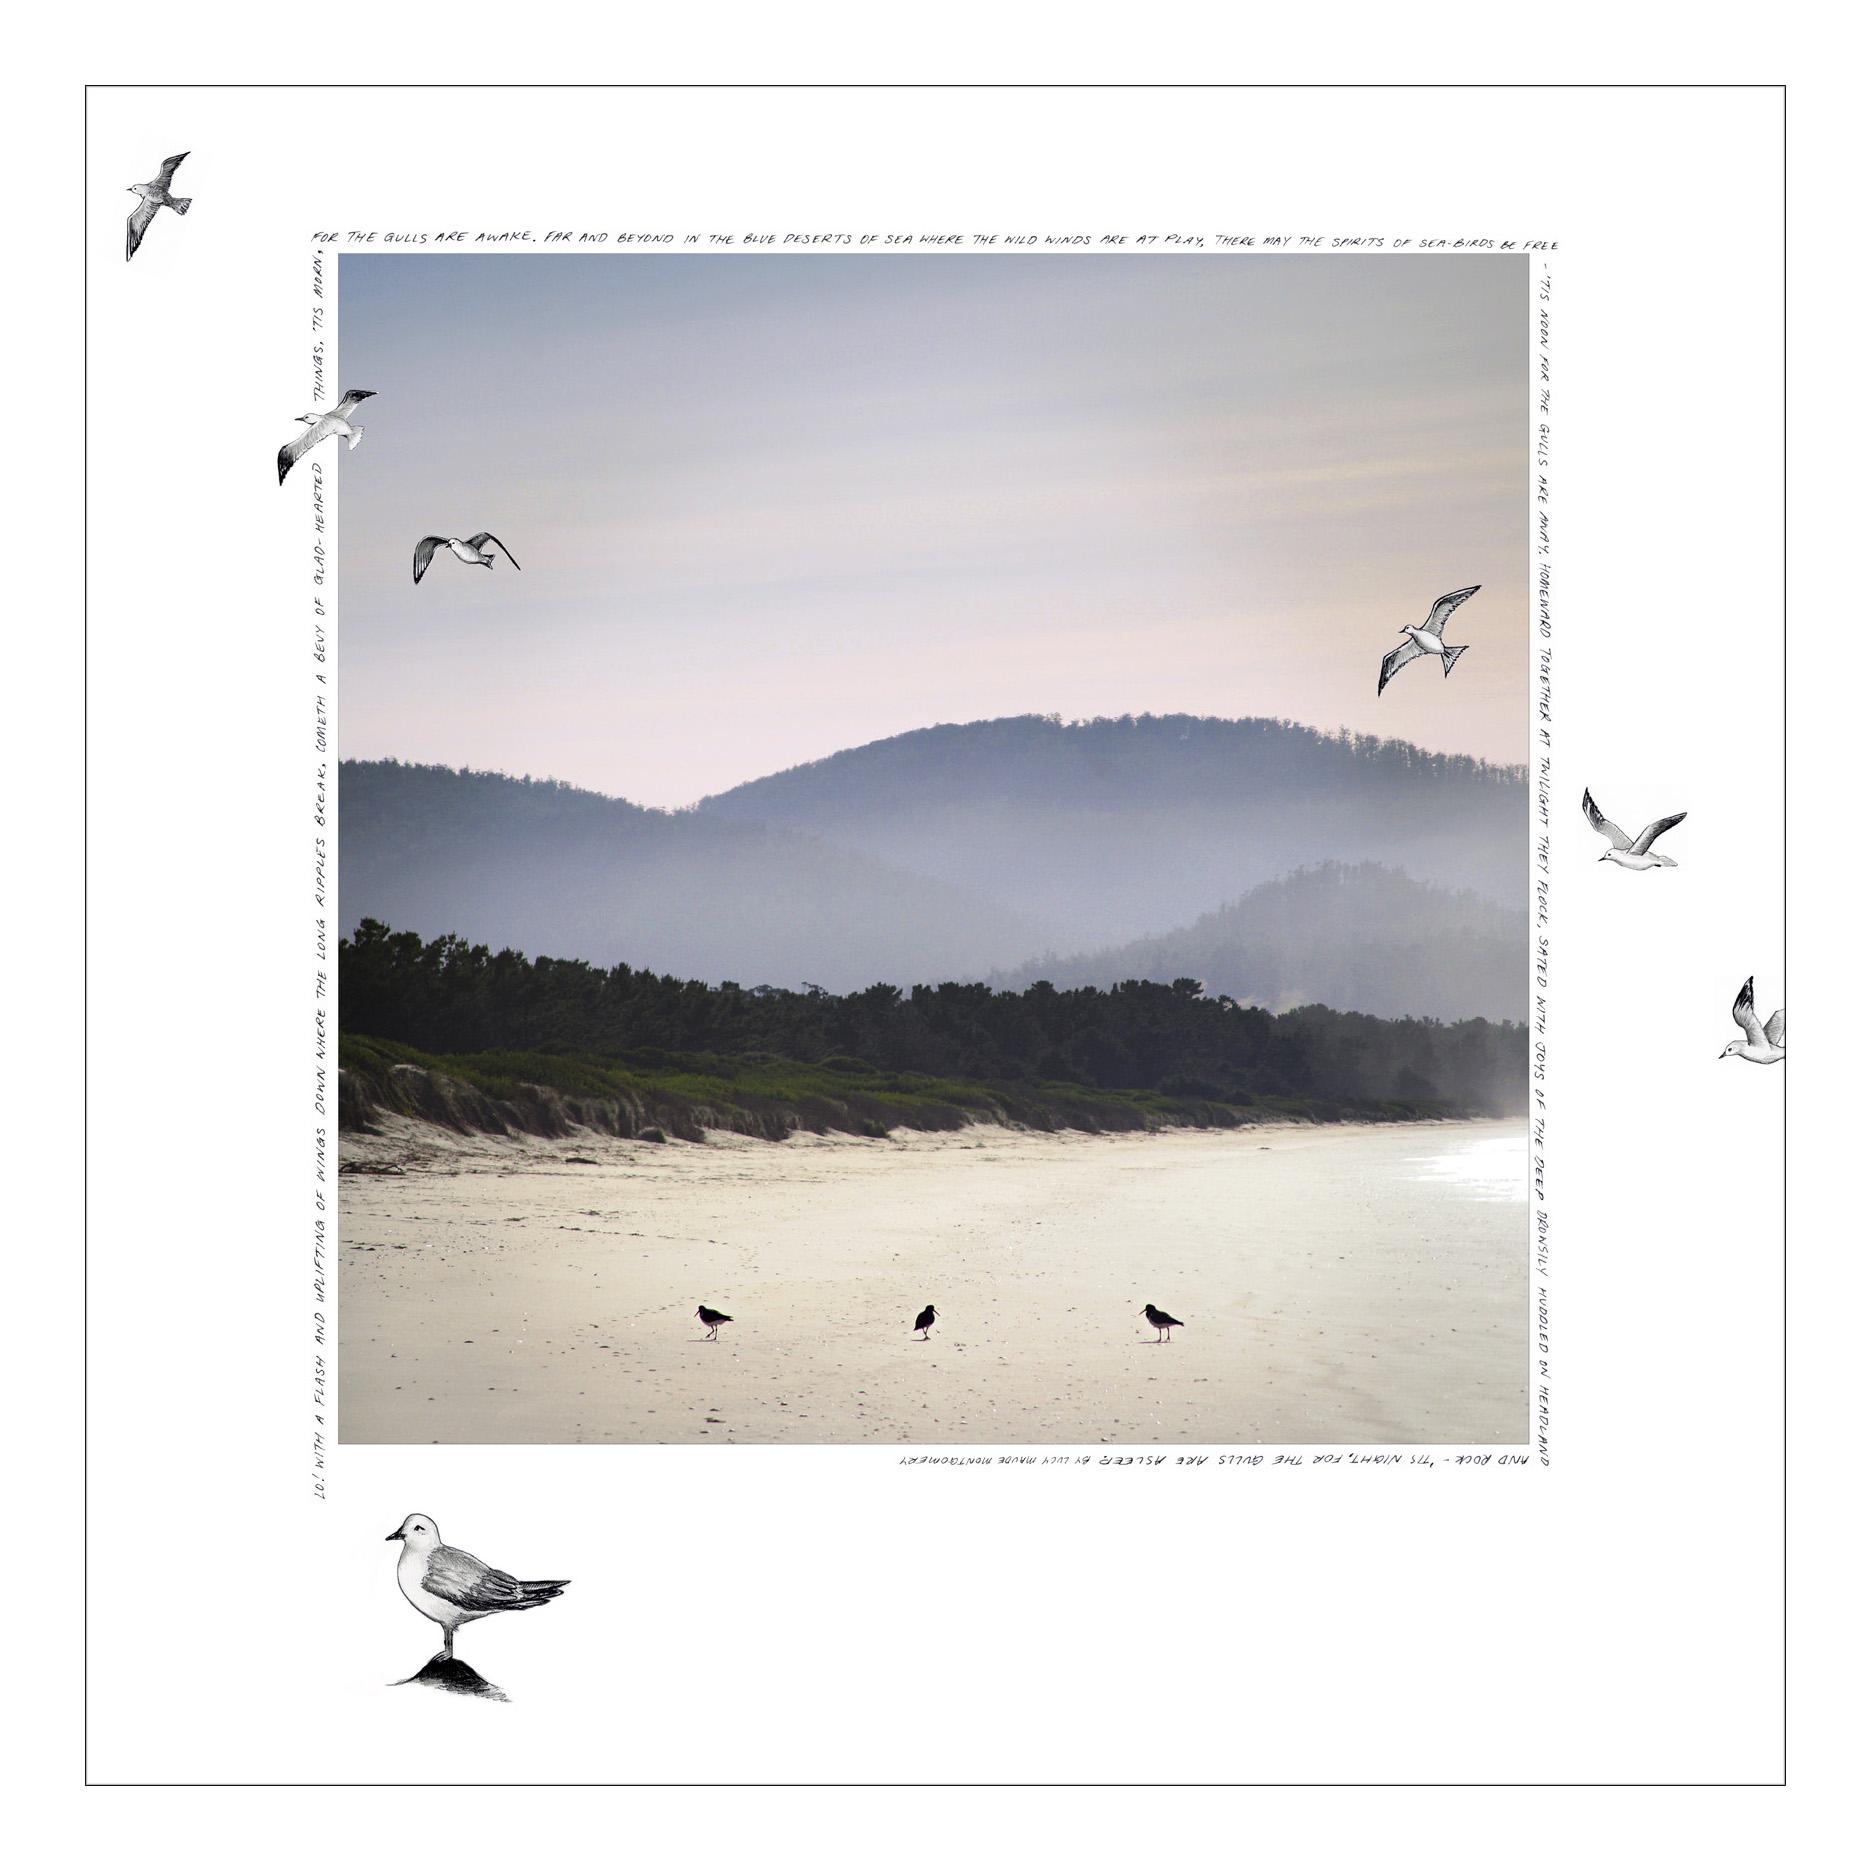 Gulls_AdobeRGB_small.jpg